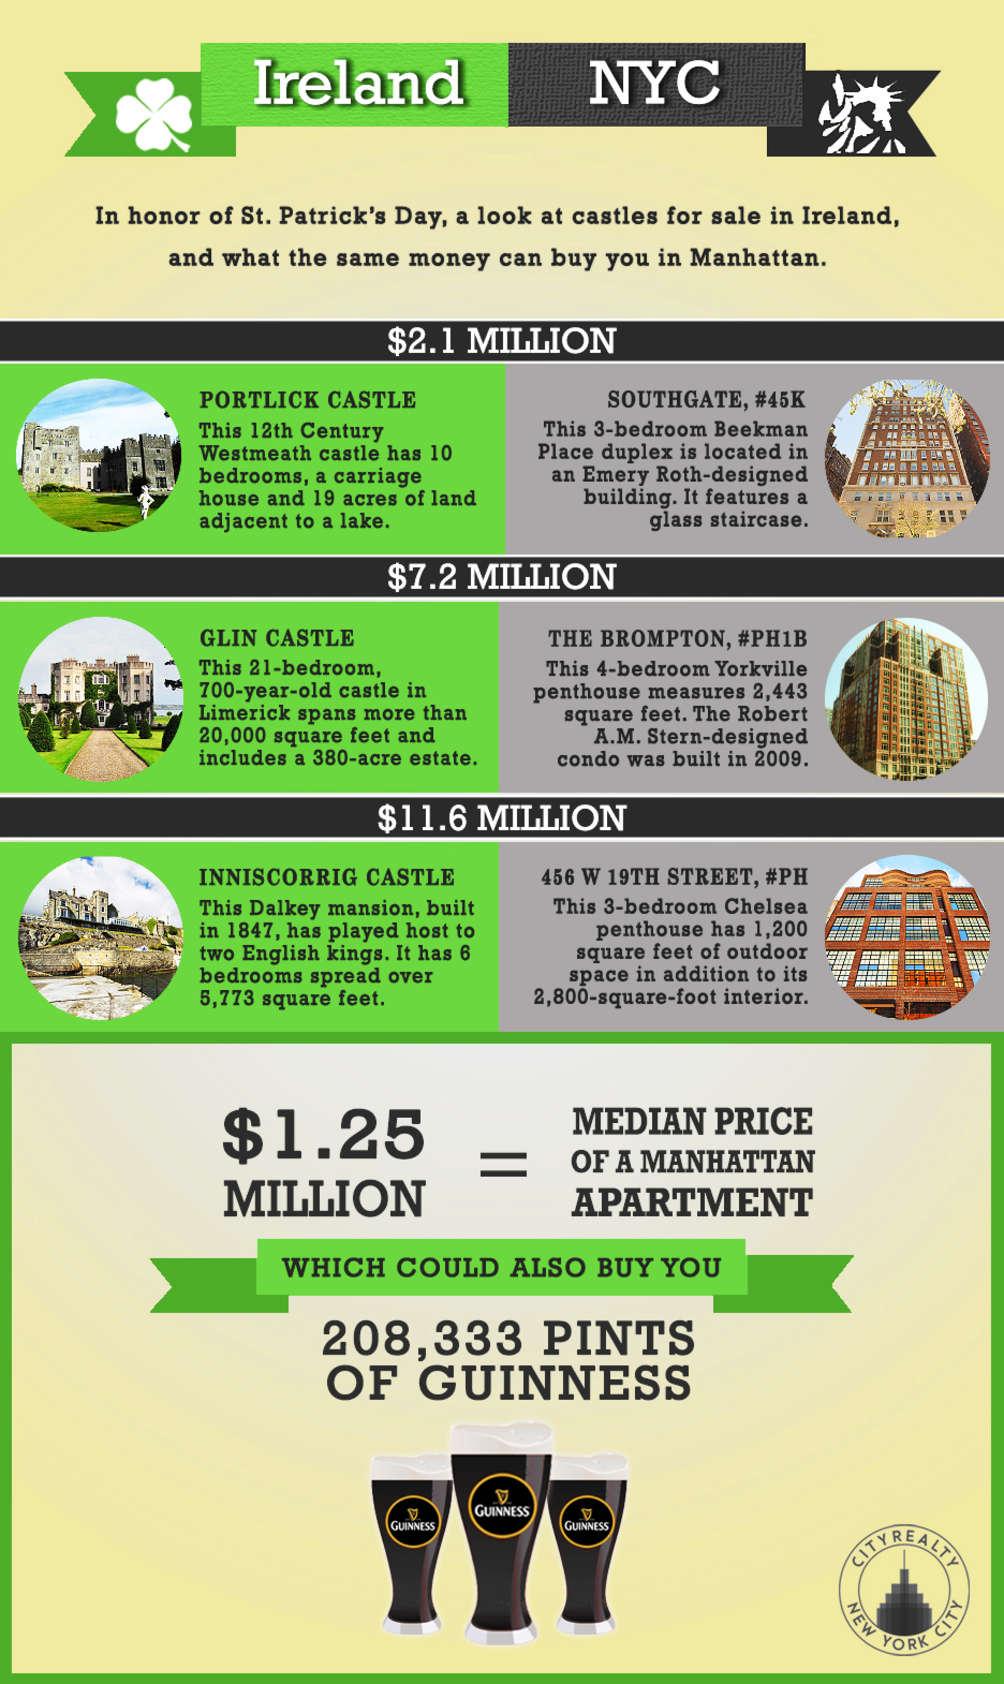 irish castles versus nyc real estate